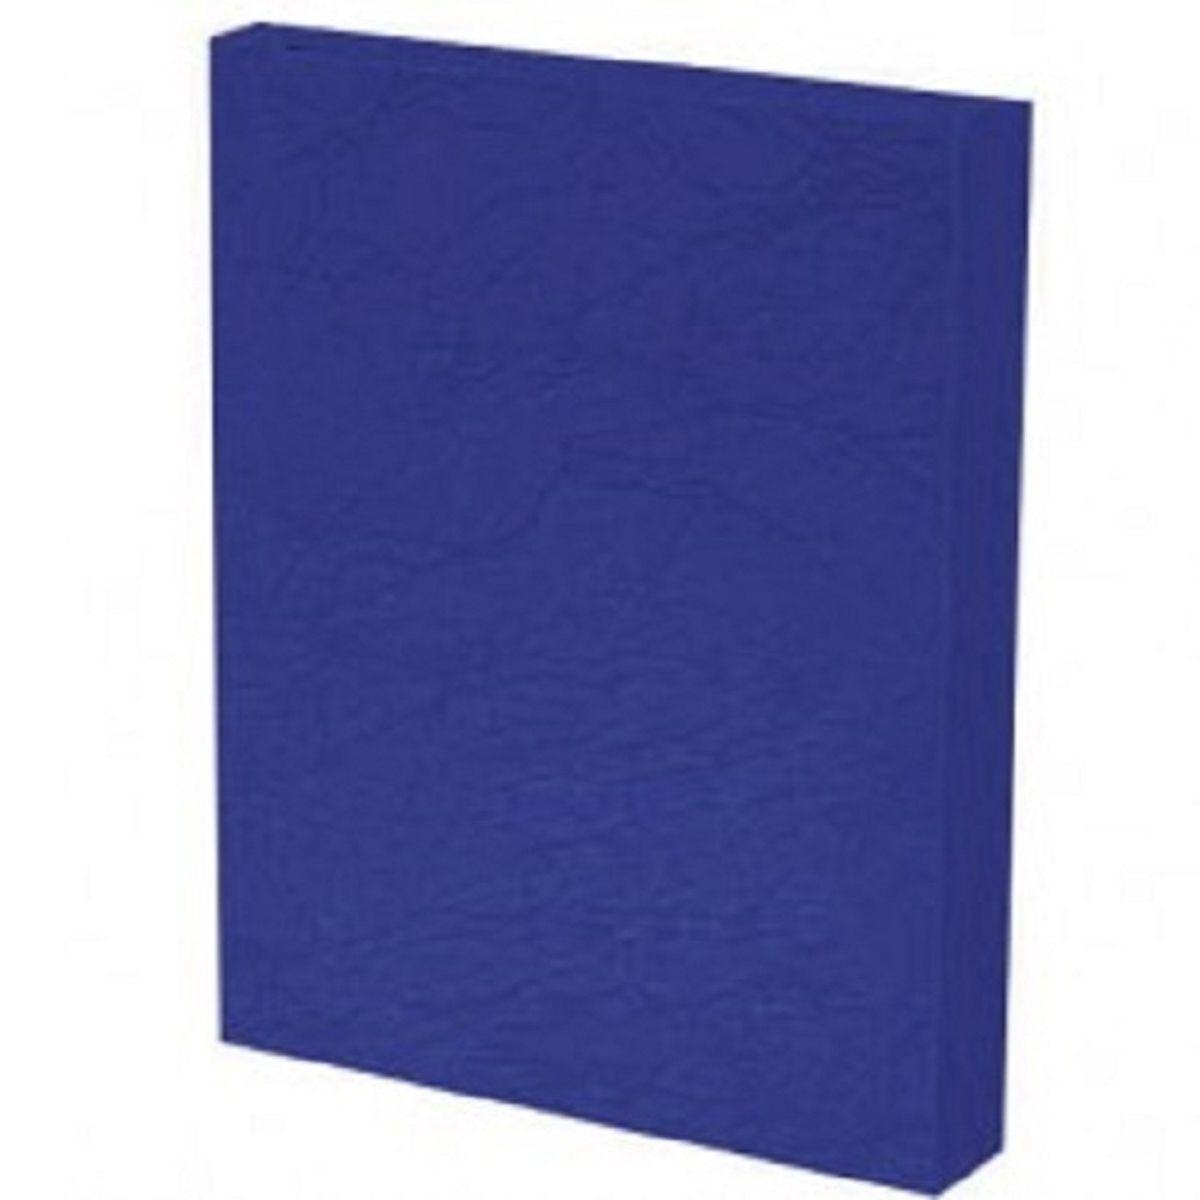 Capa para Encadernação PP 0,30mm A4 Azul Marinho Couro (Fundo) - Pacote com 100 unidades  - Click Suprimentos